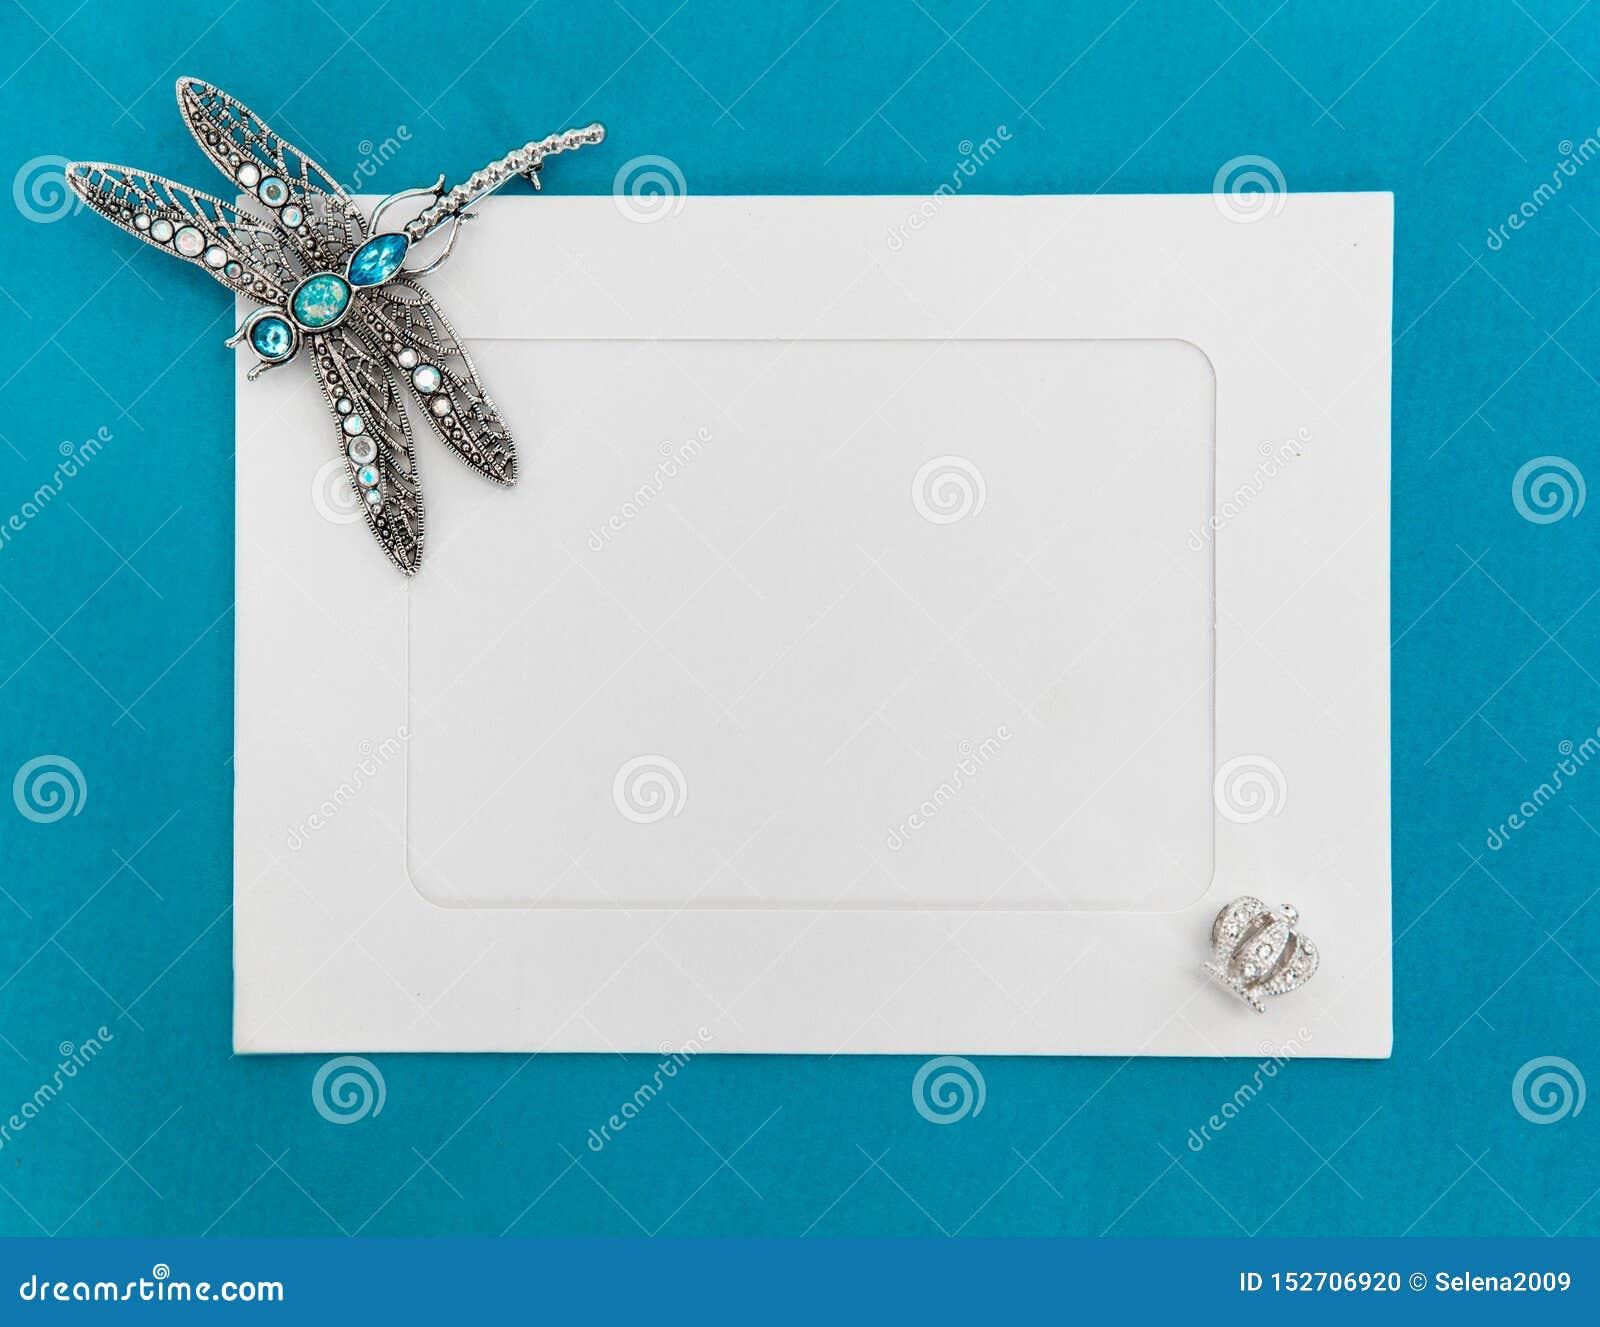 Пустой шаблон с рамкой белой бумаги на голубой предпосылке, украшенной с ювелирными изделиями Серебряная фибула dragonfly на угле